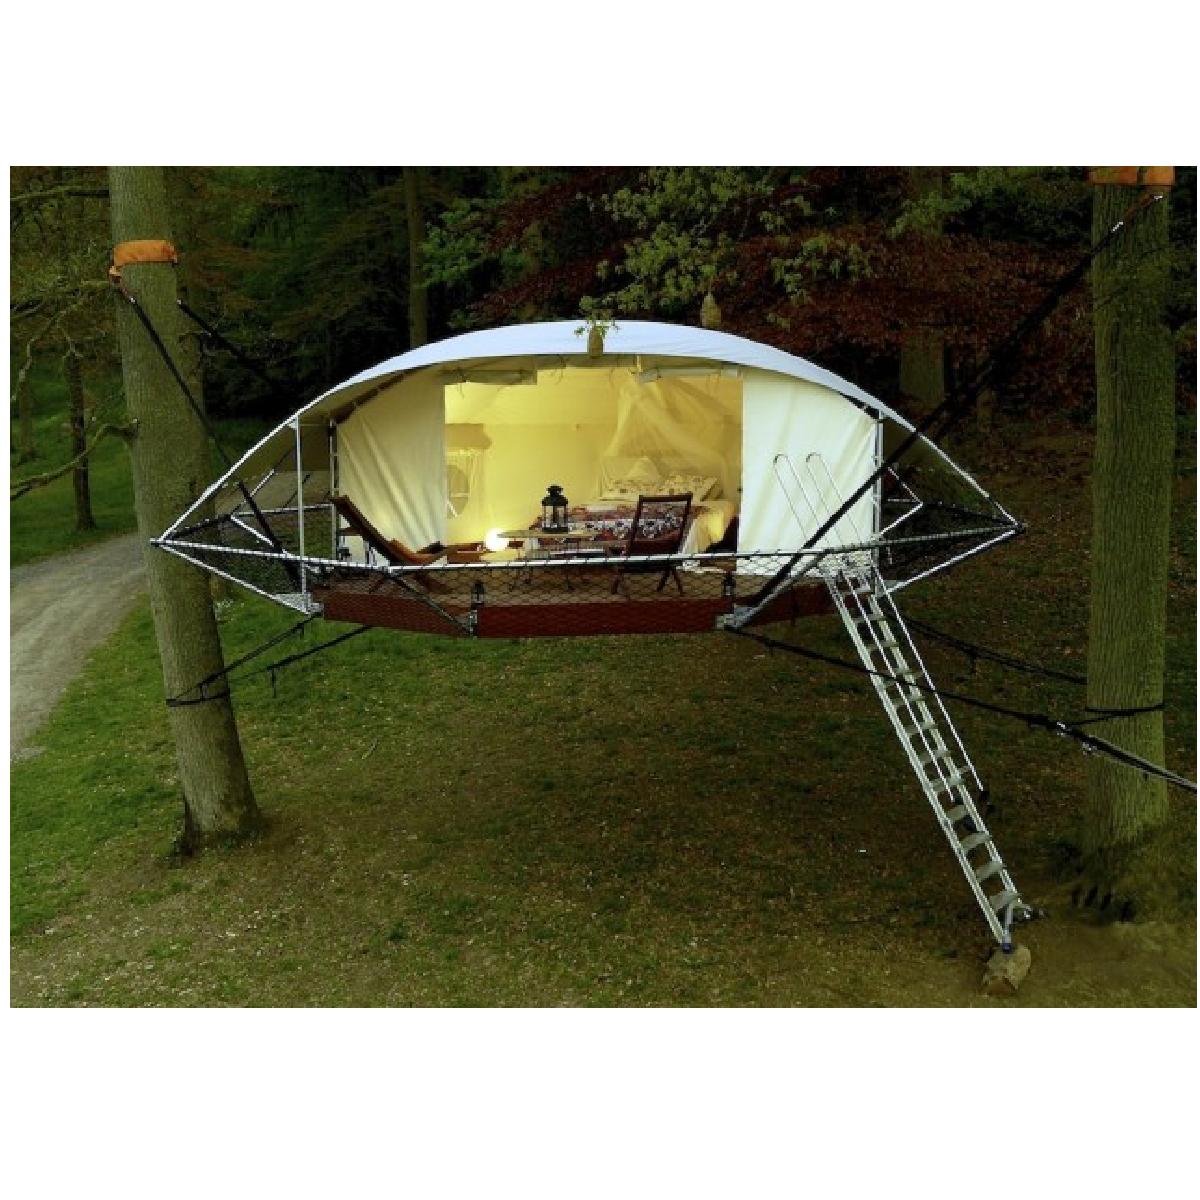 cadeaux 2 ouf id es de cadeaux insolites et originaux dom up la cabane dans les arbres. Black Bedroom Furniture Sets. Home Design Ideas